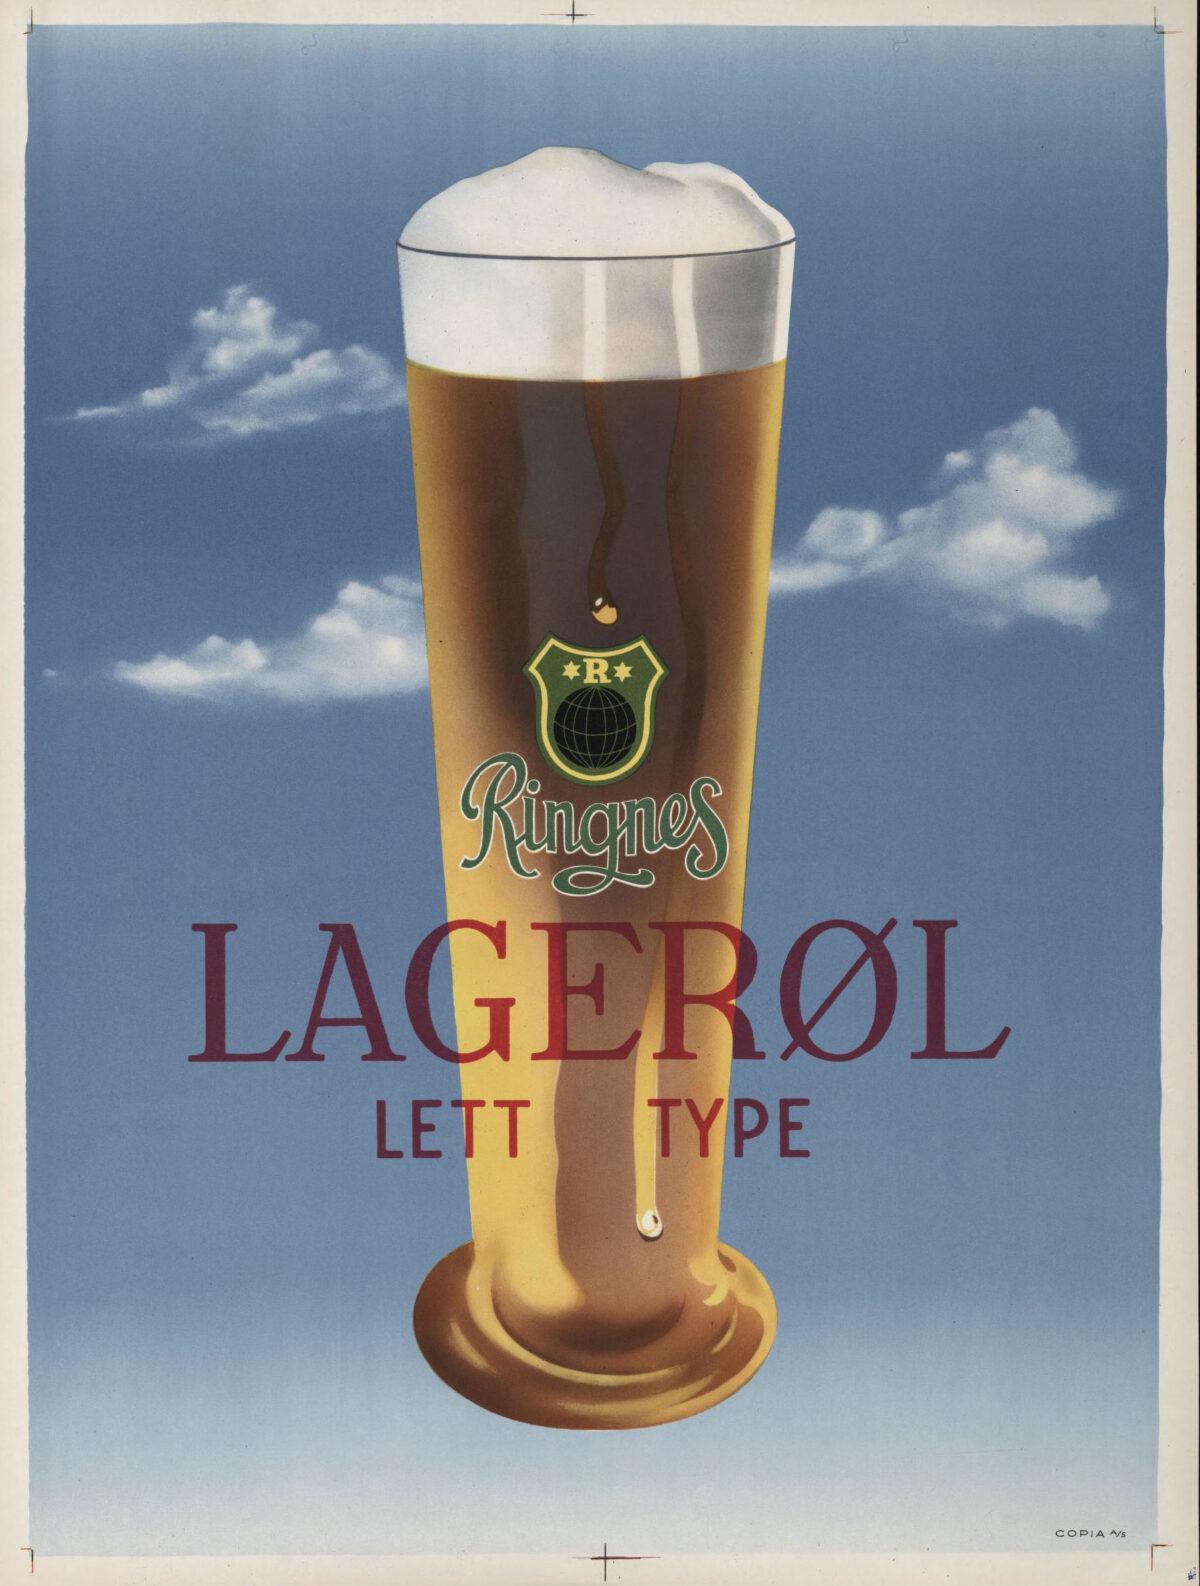 Illustrasjon av høyt, skummende ølglass på himmelblå bakgrunn med skyer - Tekst «Ringnes Lagerøl Lett type»